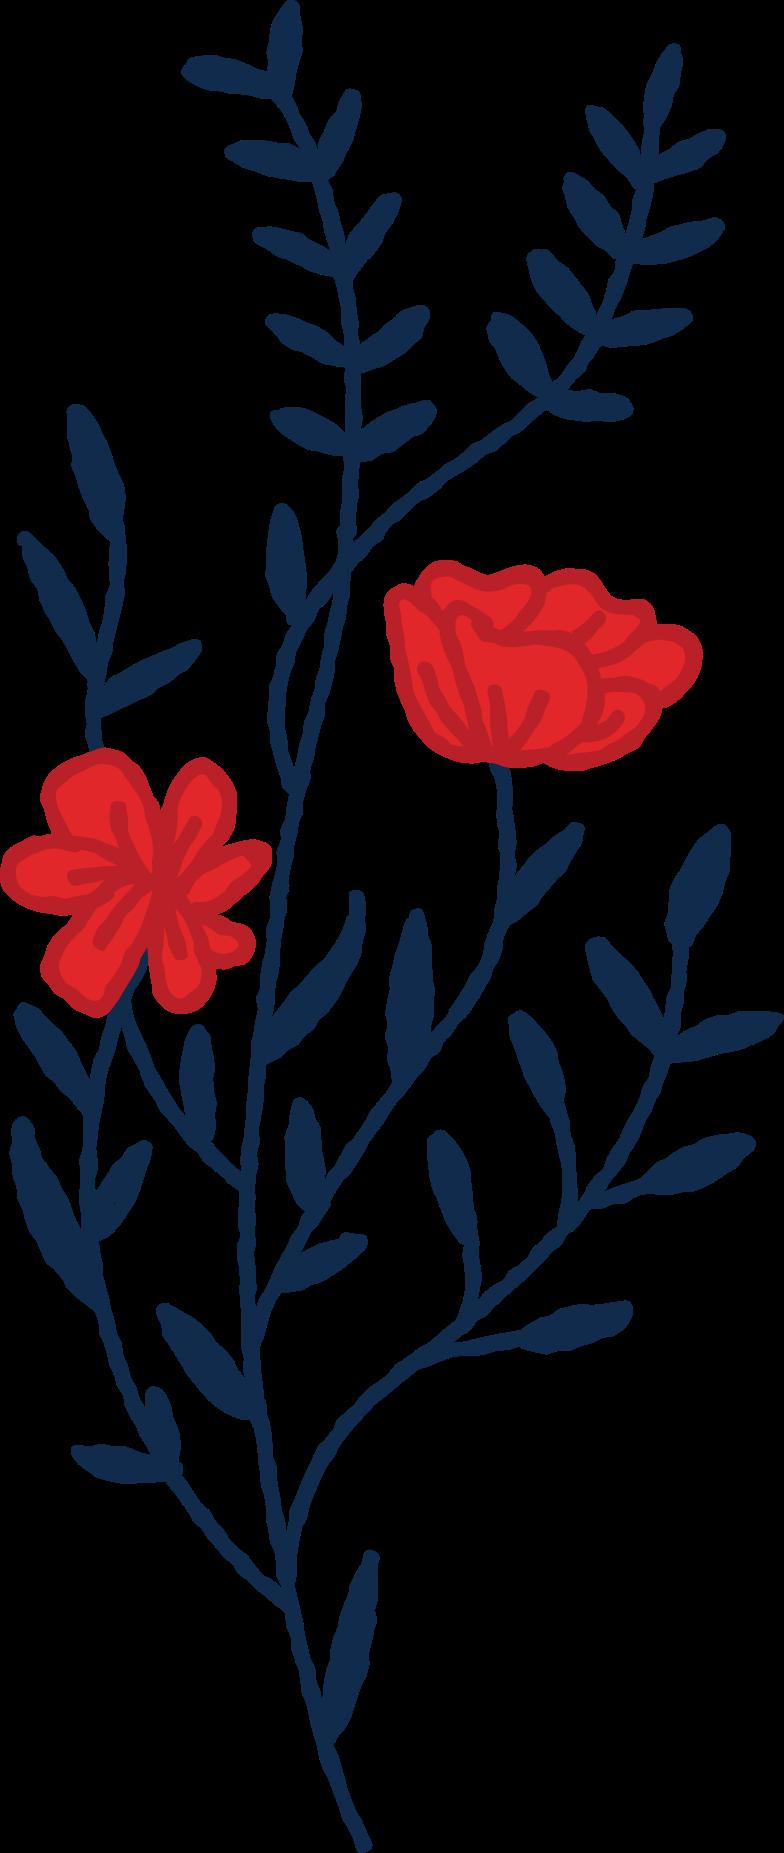 floral Clipart illustration in PNG, SVG